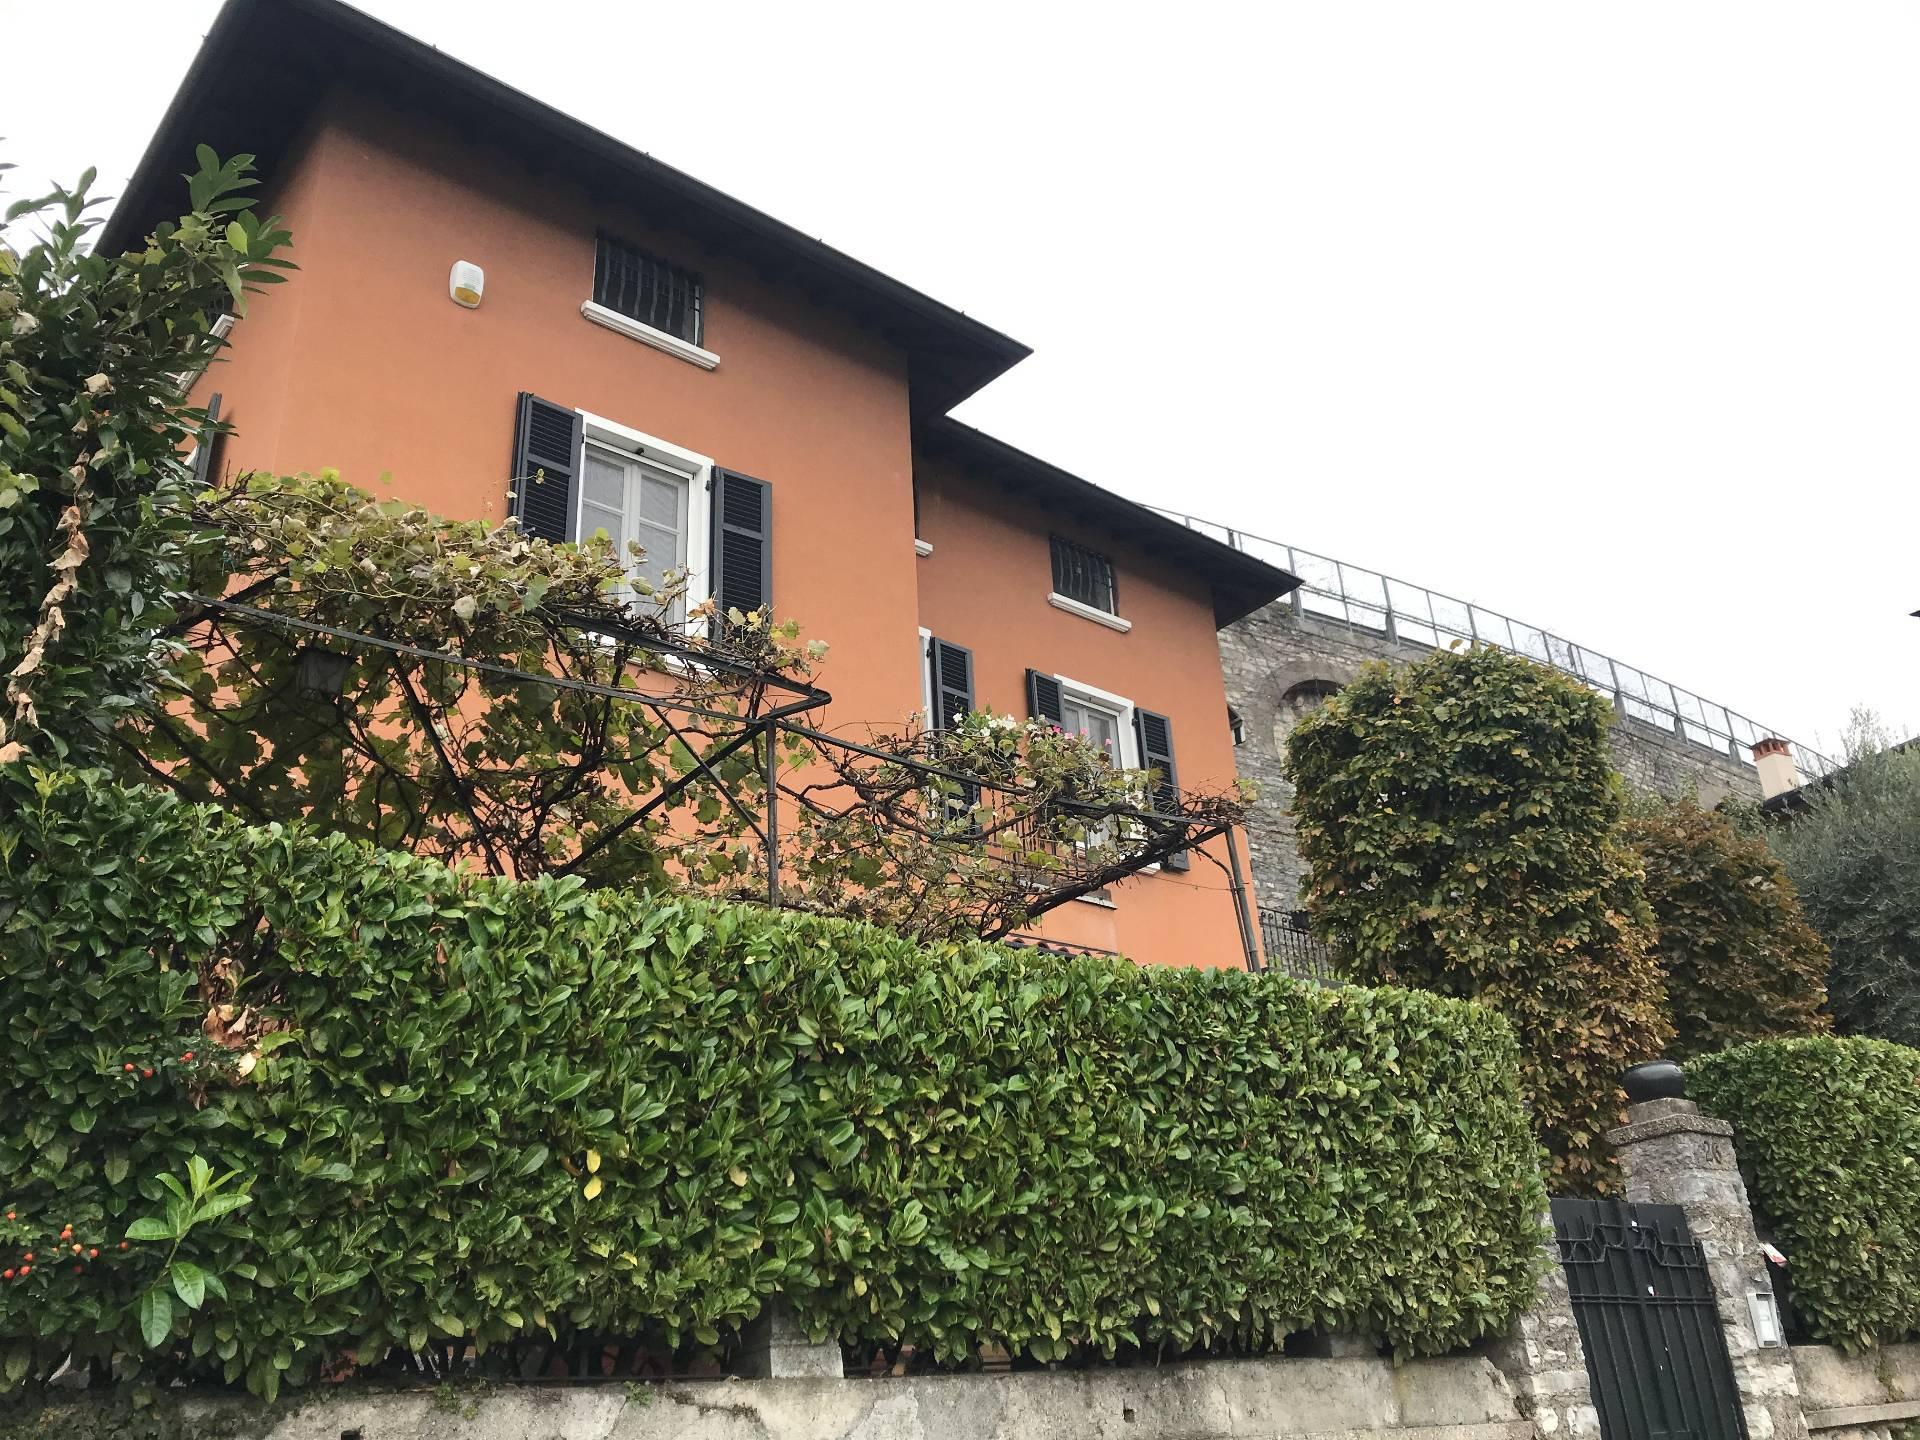 Villa in Vendita a Moltrasio: 5 locali, 230 mq - Foto 10